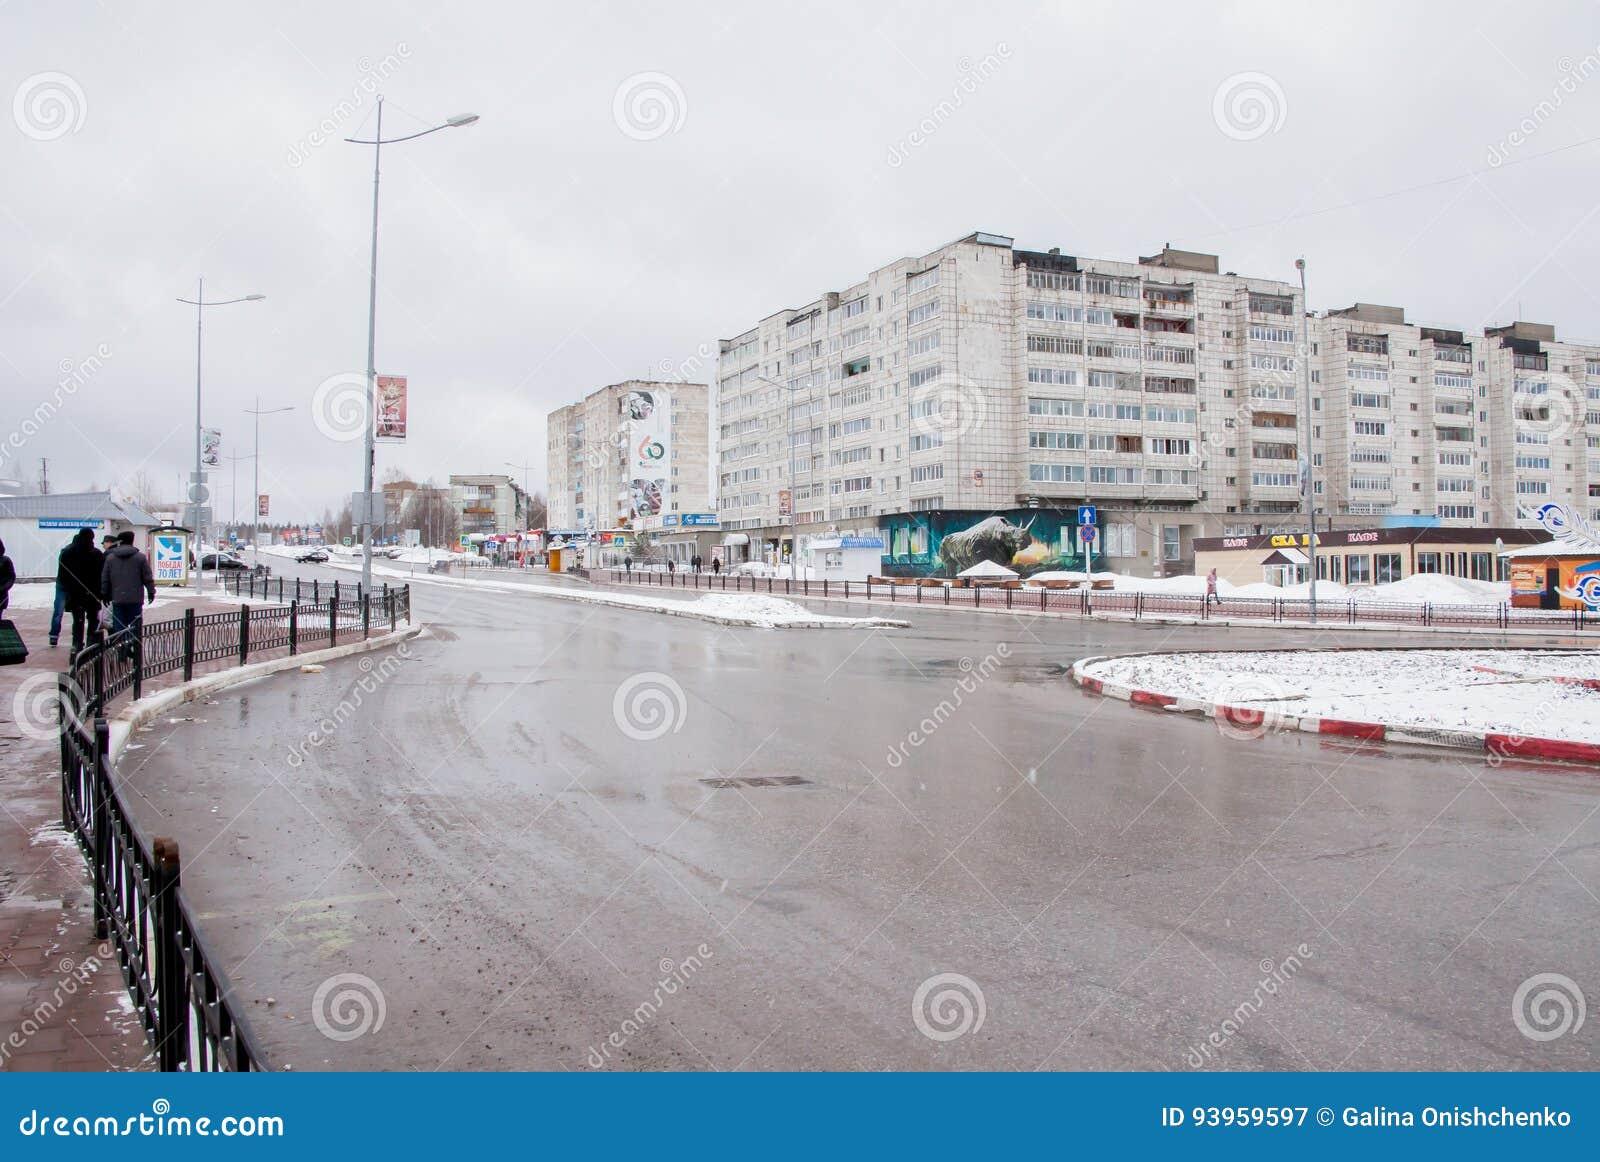 Gubakha, região do permanente, Rússia - 16 de abril 2017: Terras urbanas da mola